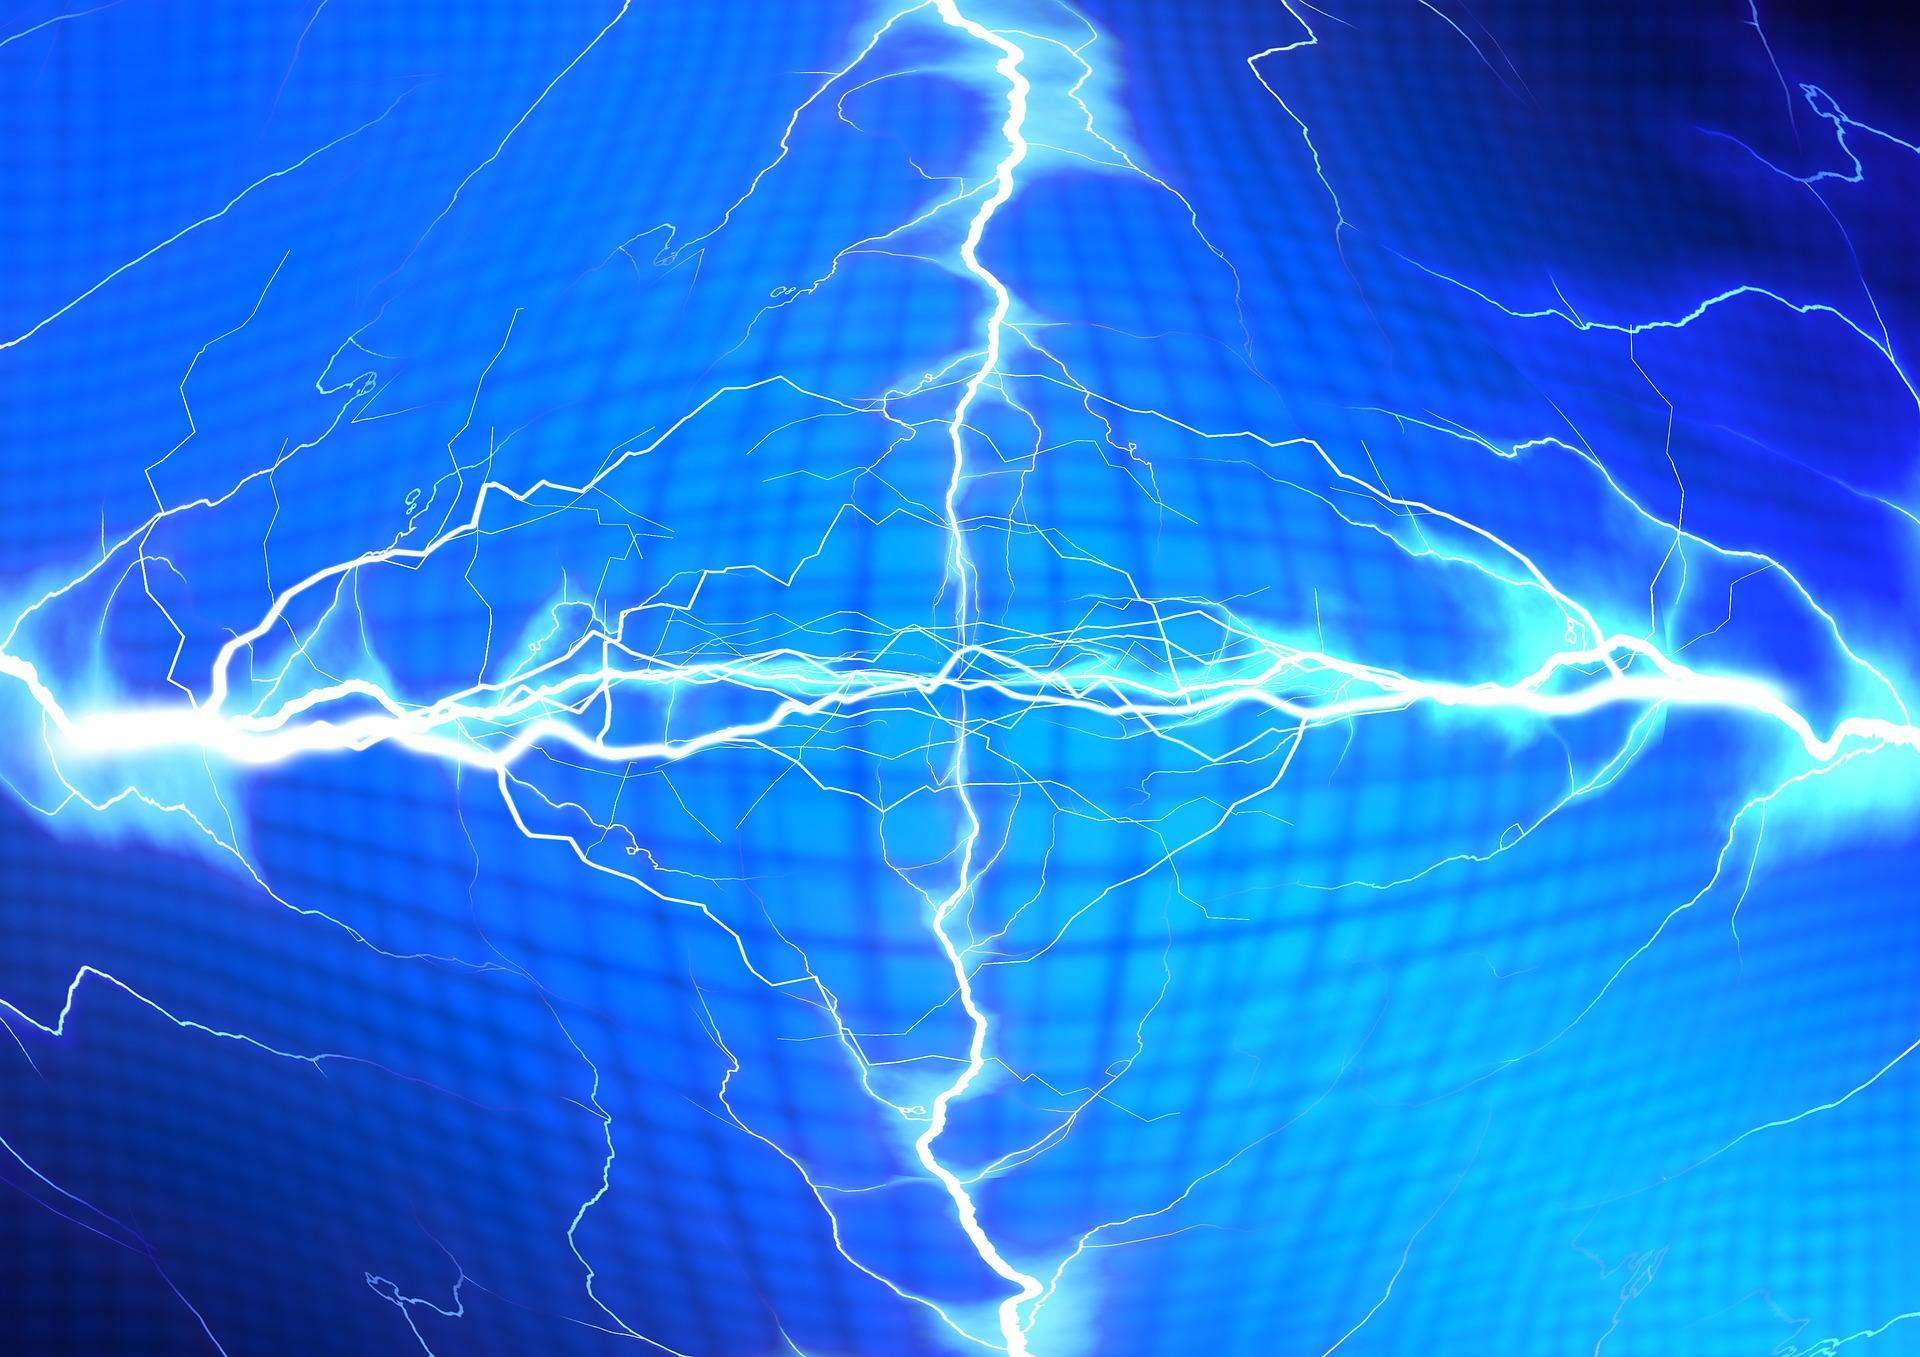 Abschirmung gegen elektromagnetische Strahlung – Vorsicht ist geboten